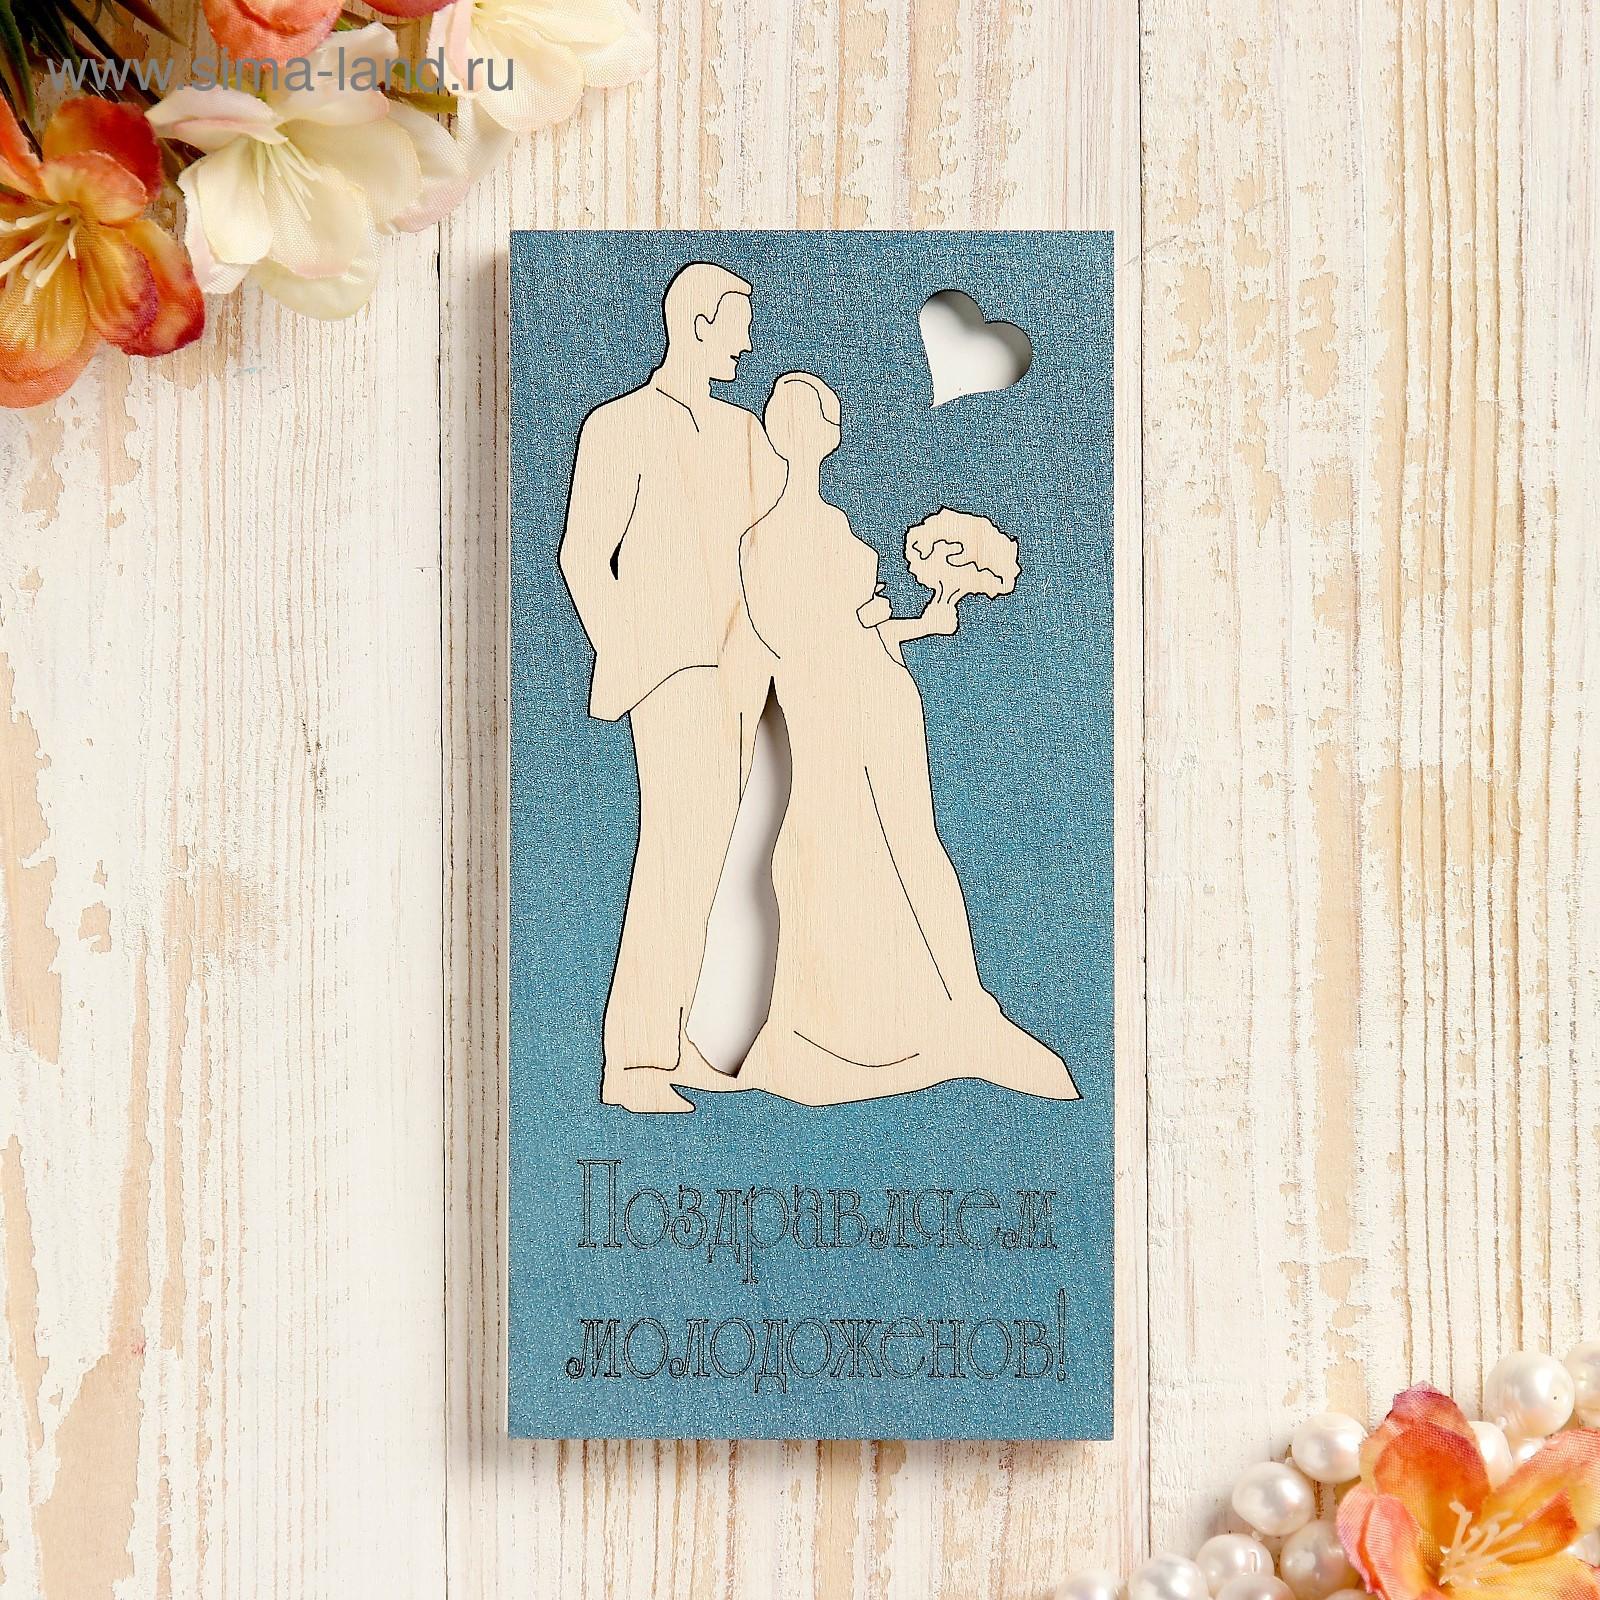 определим, поздравление для свадебной открытки креативное получается